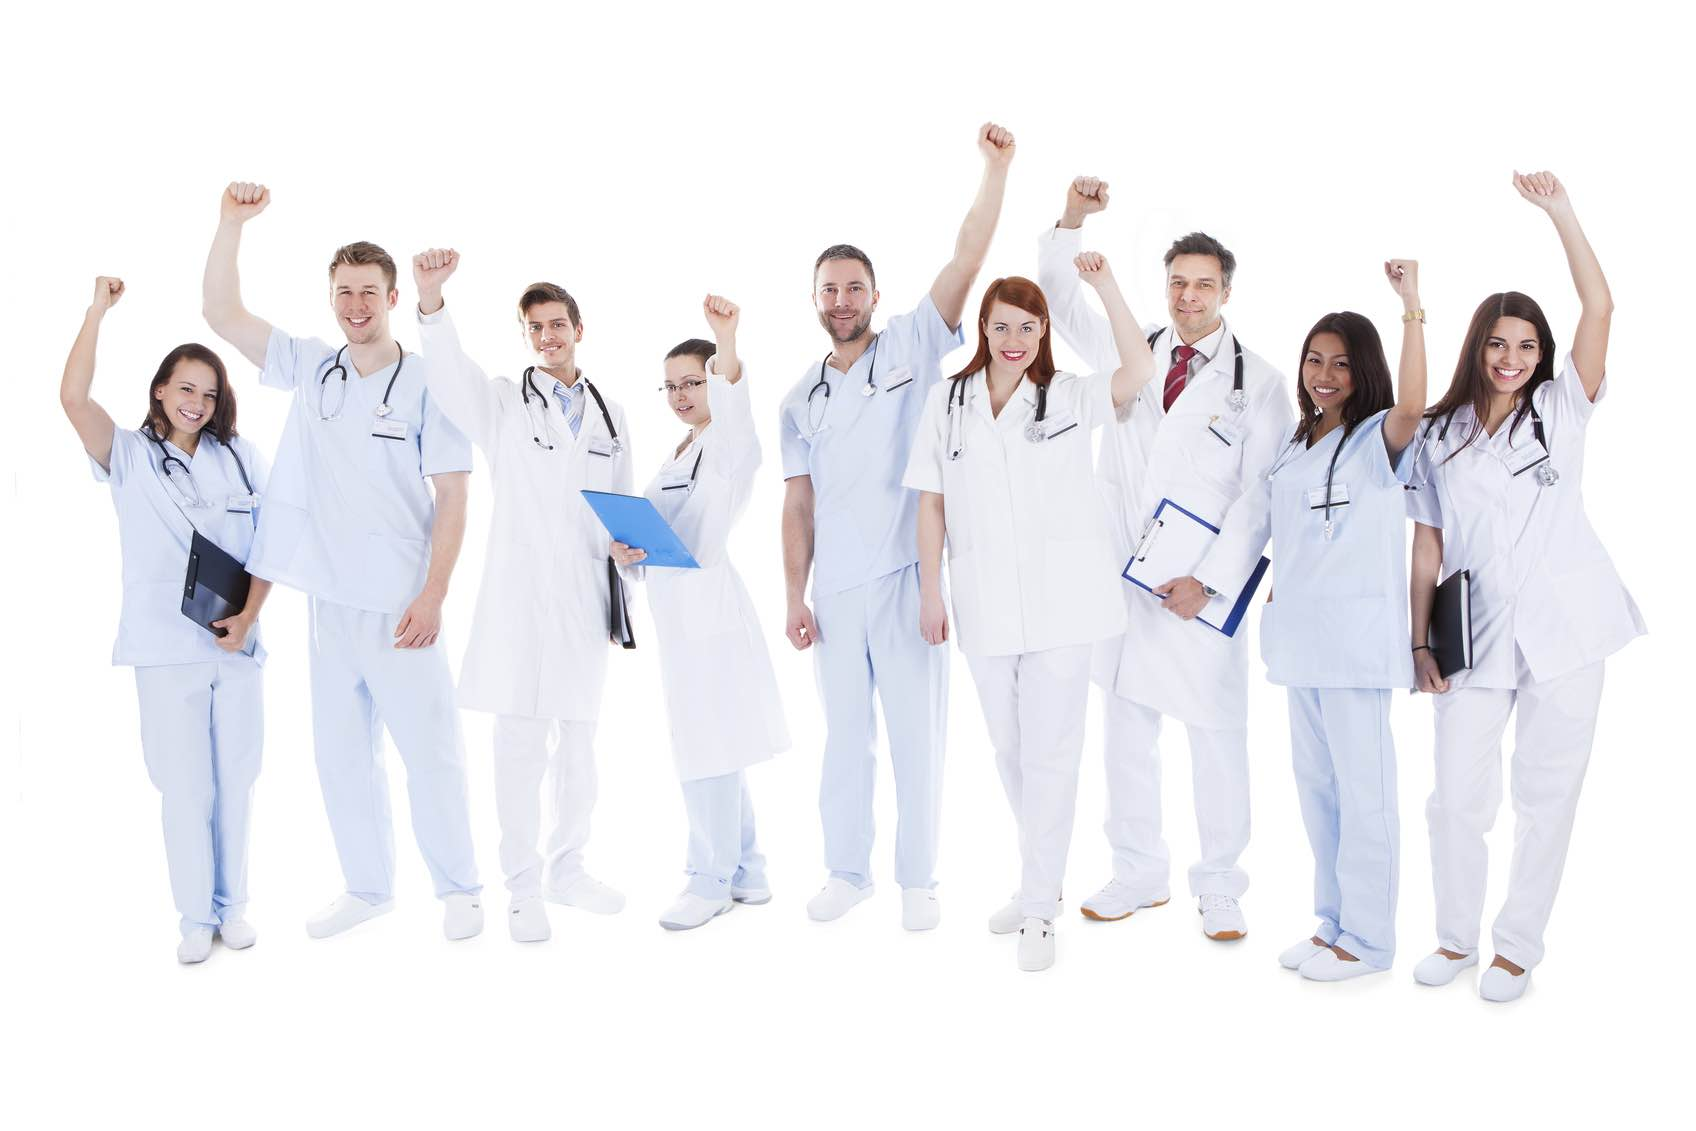 studenti di medicina